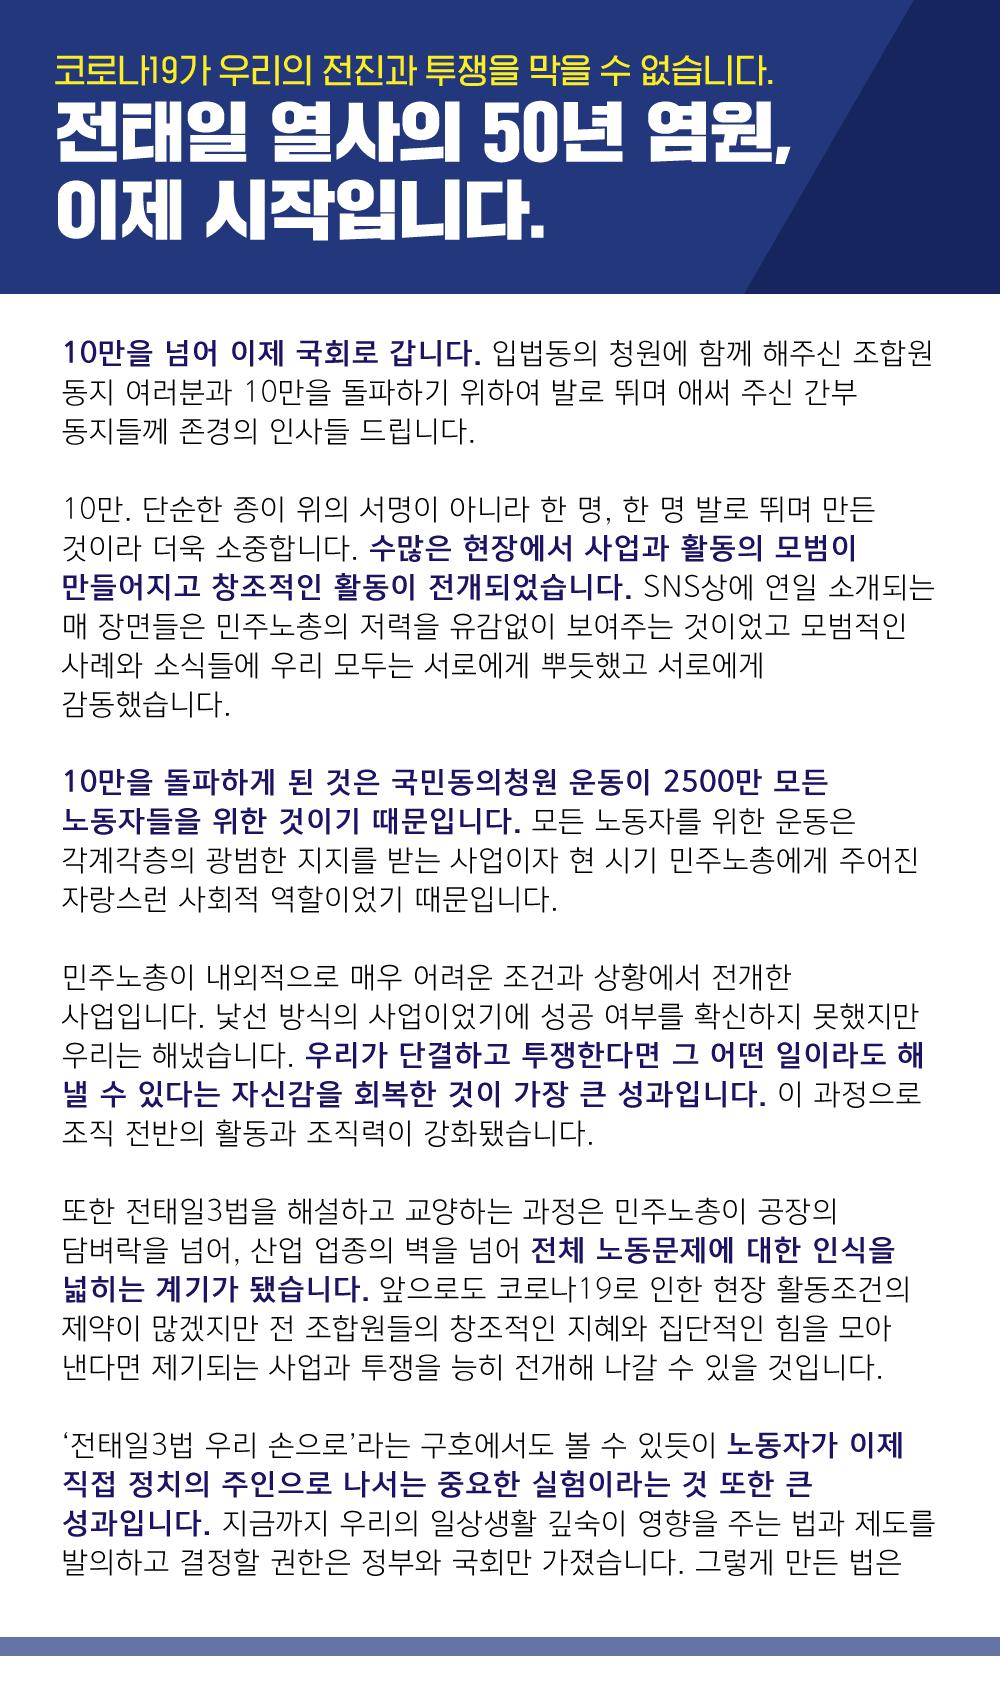 입법발의-완수-담화문_1_1.png